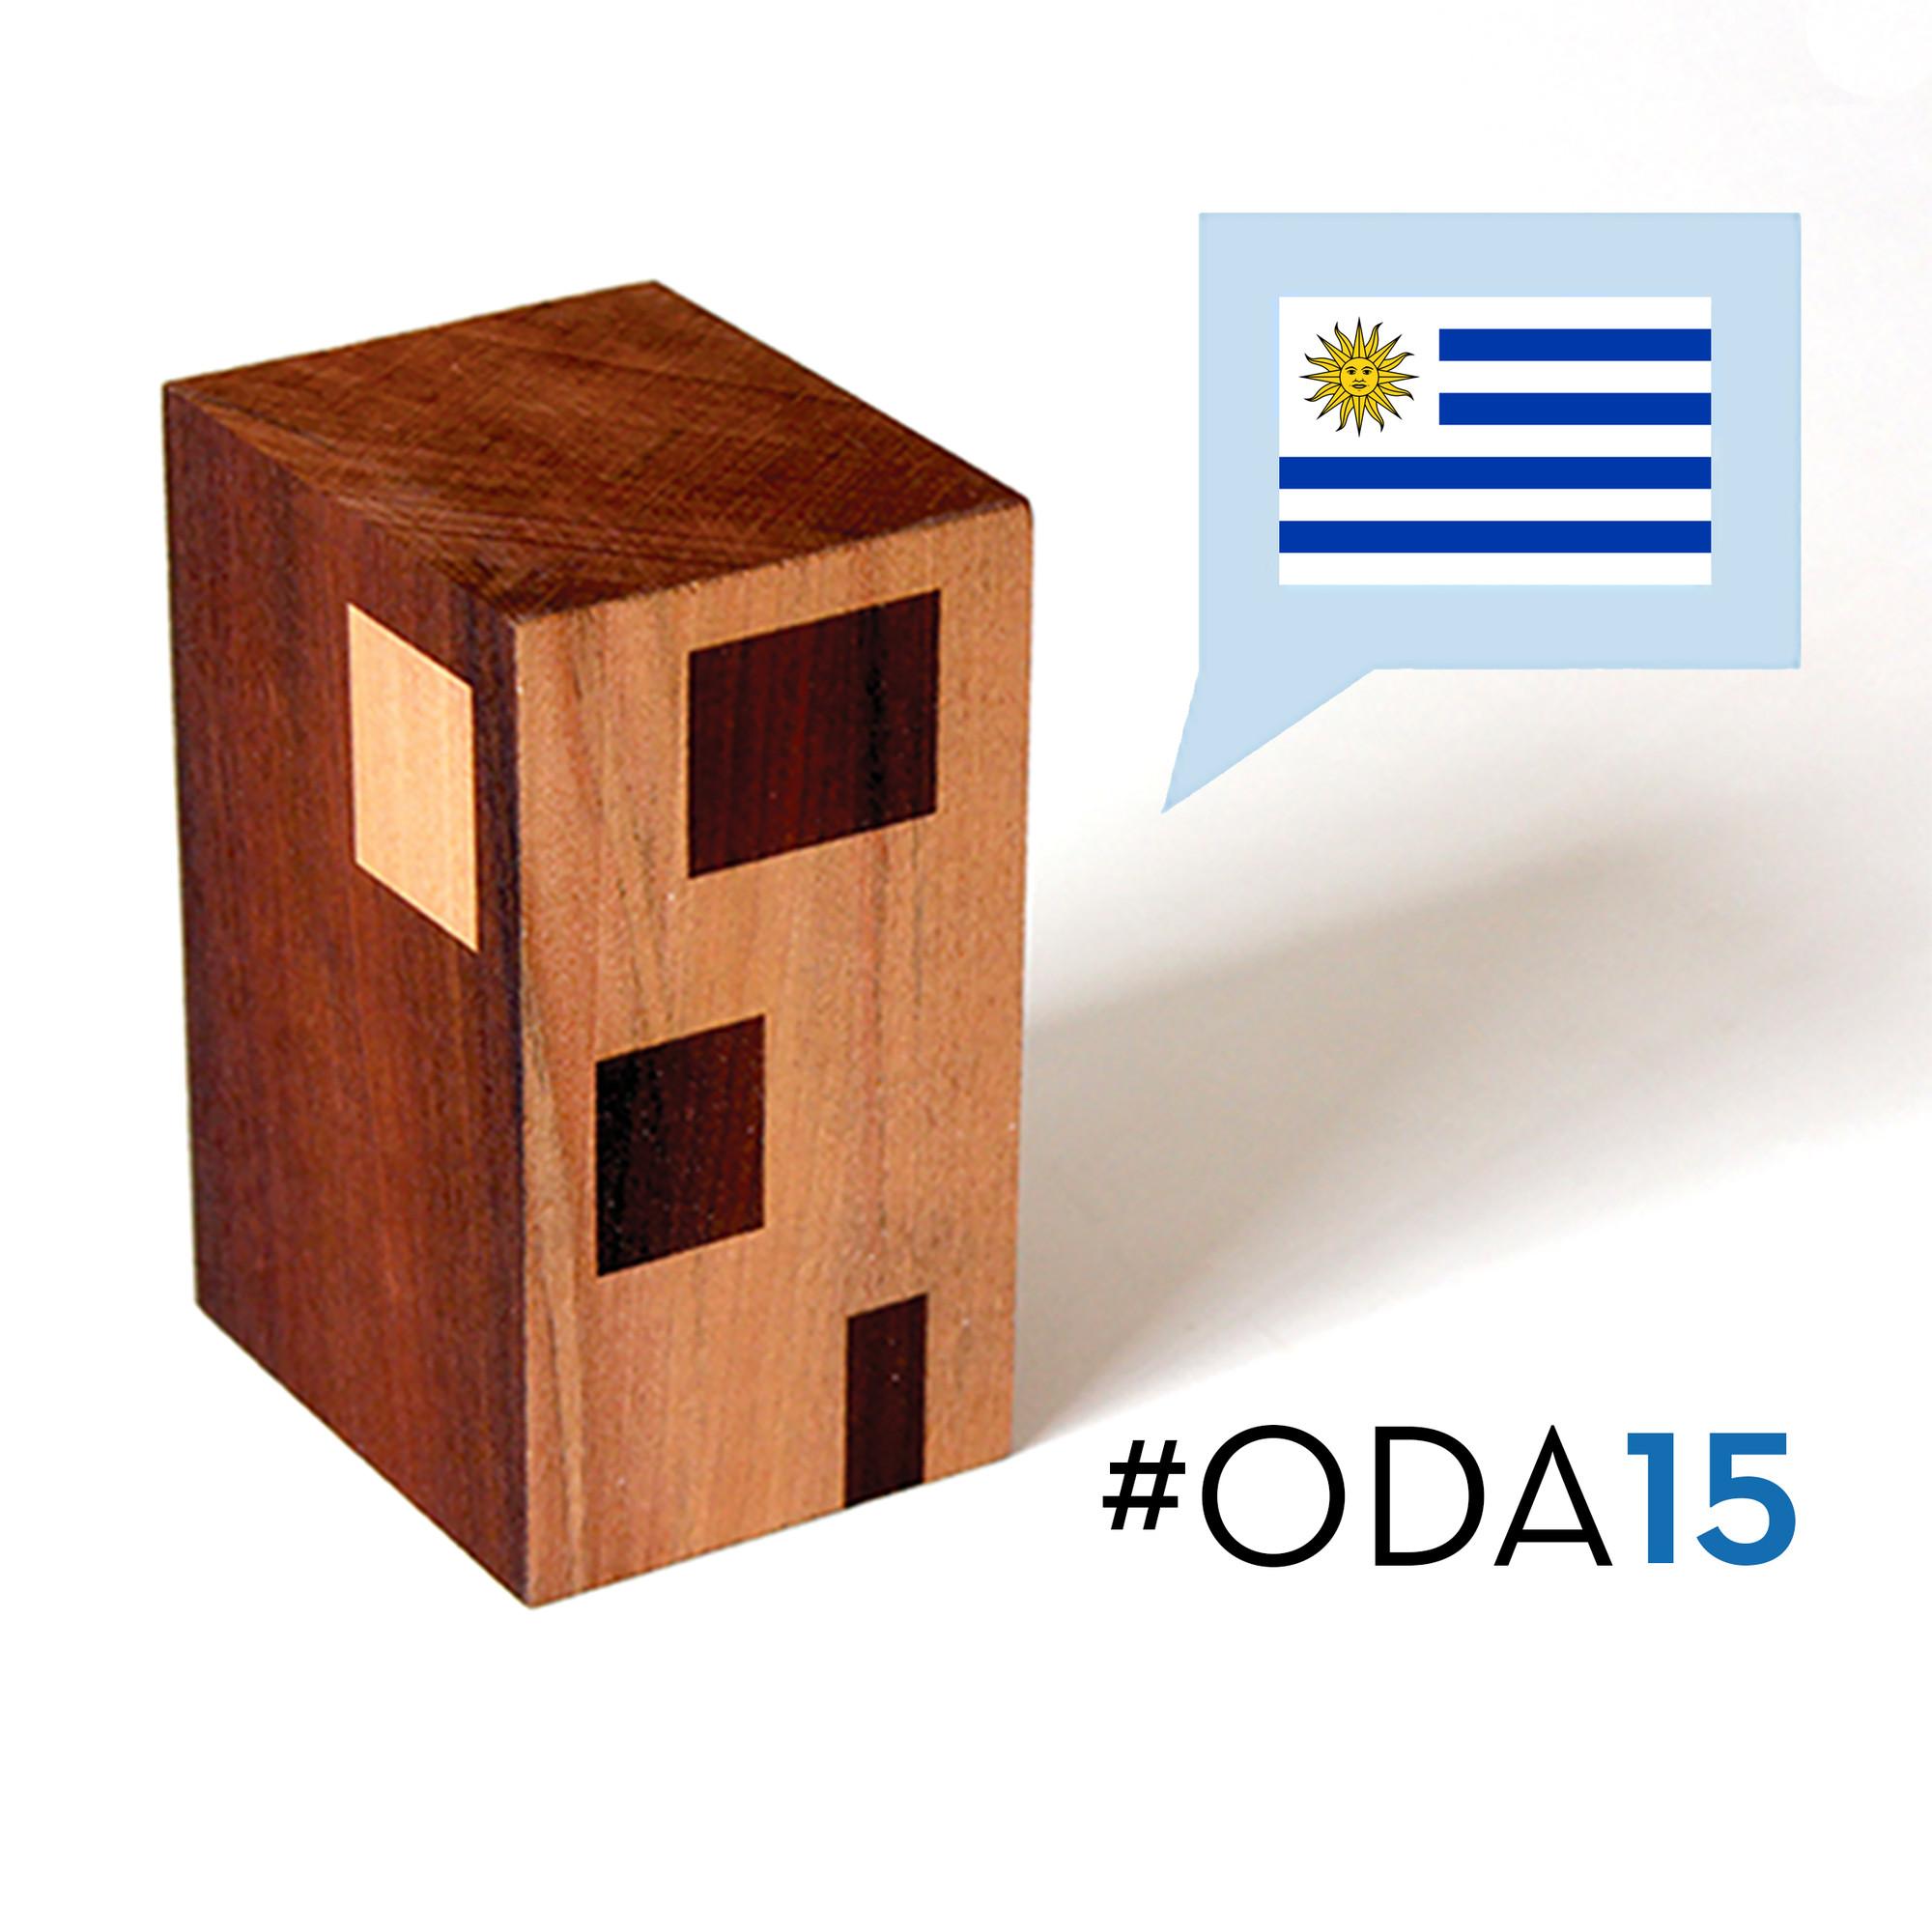 Conoce las obras uruguayas que están participando en #ODA15